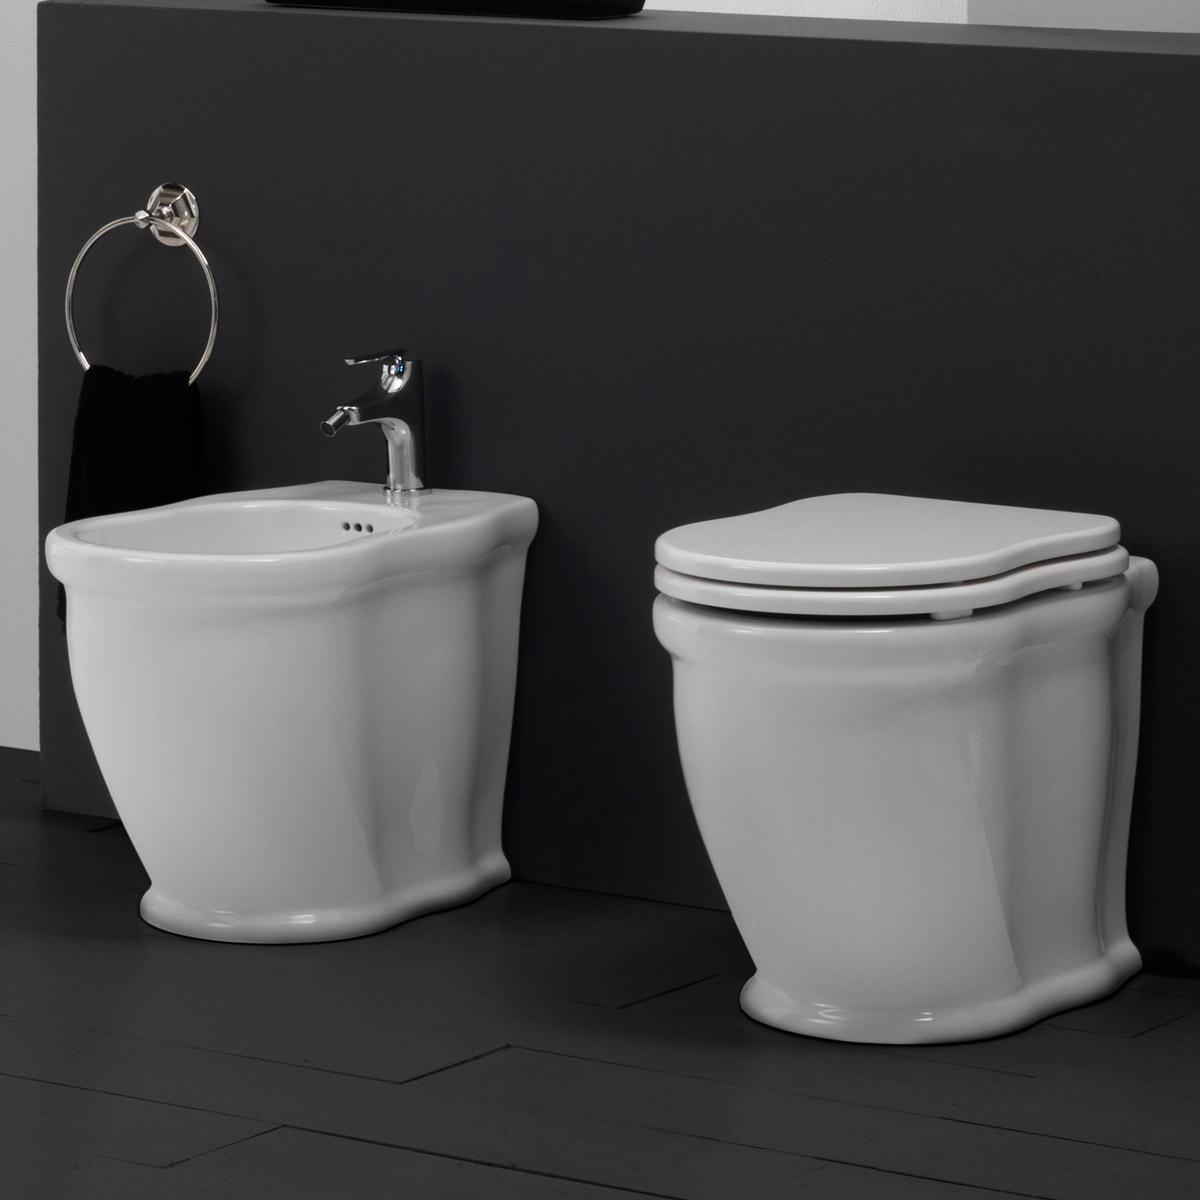 Design bagno bidet : Sanitari bagno stile antico Time